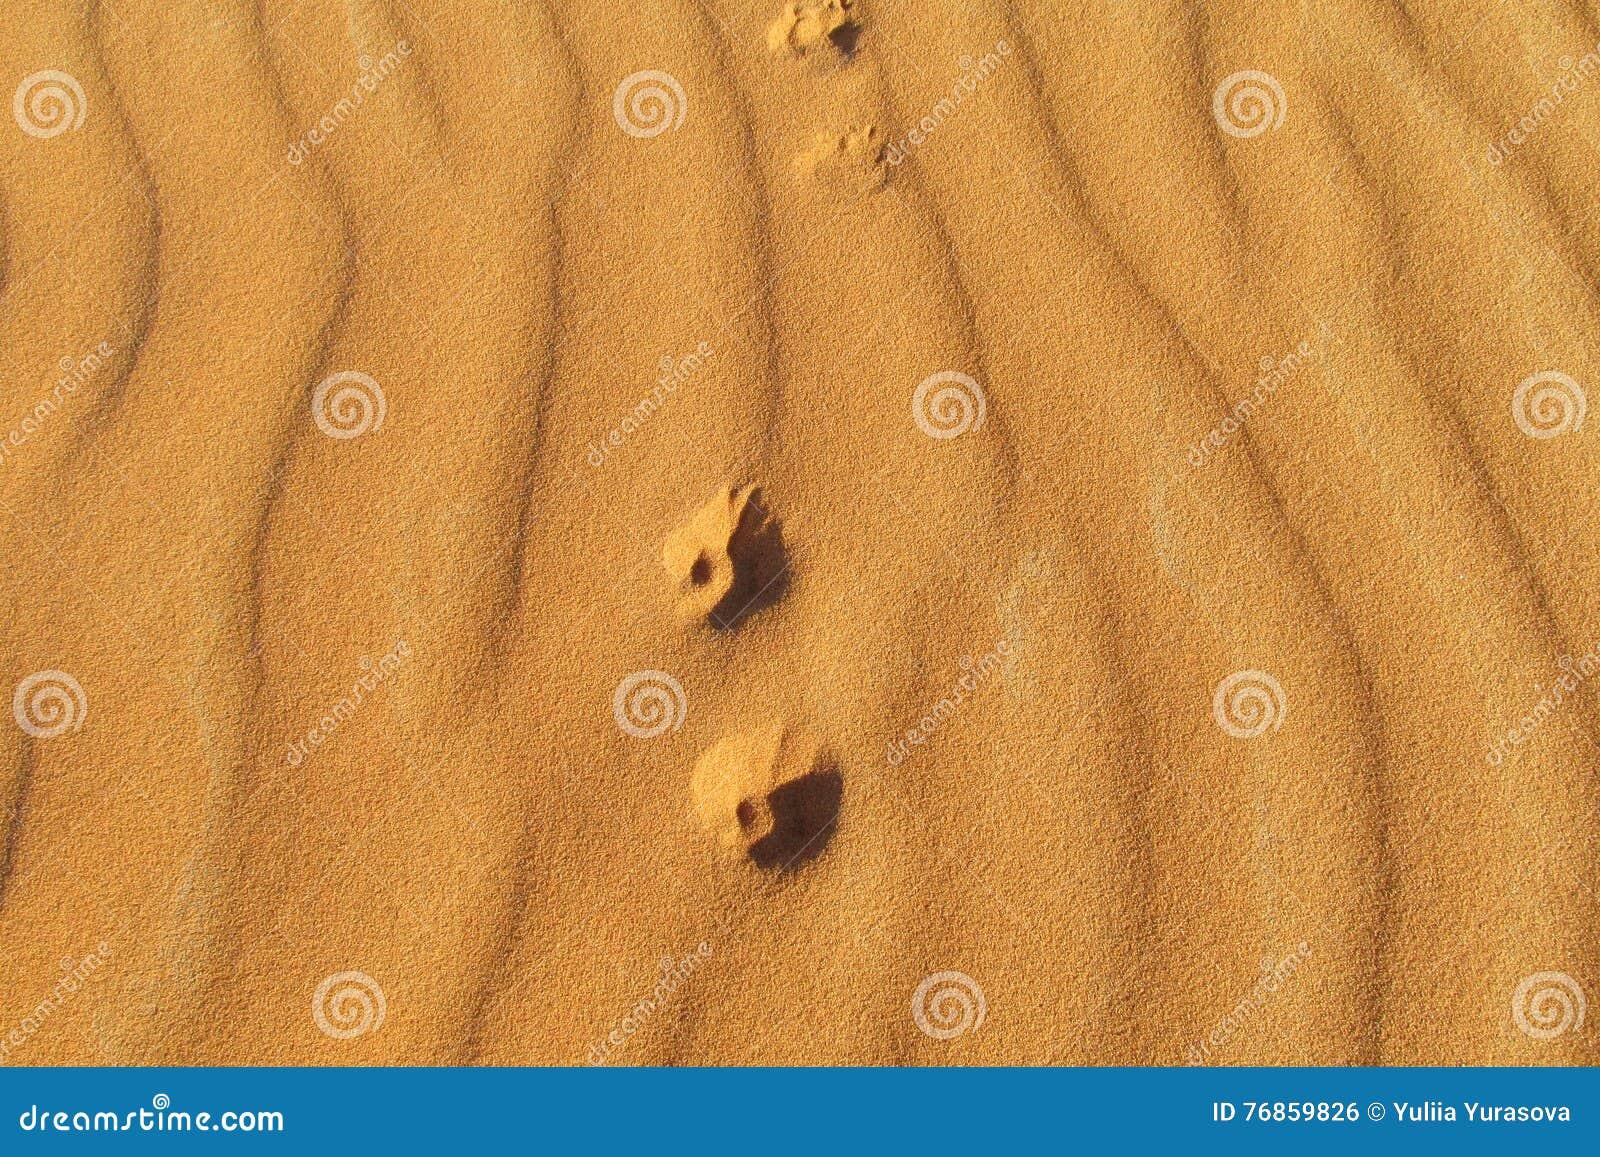 Cópias do pé de uma raposa pequena na areia